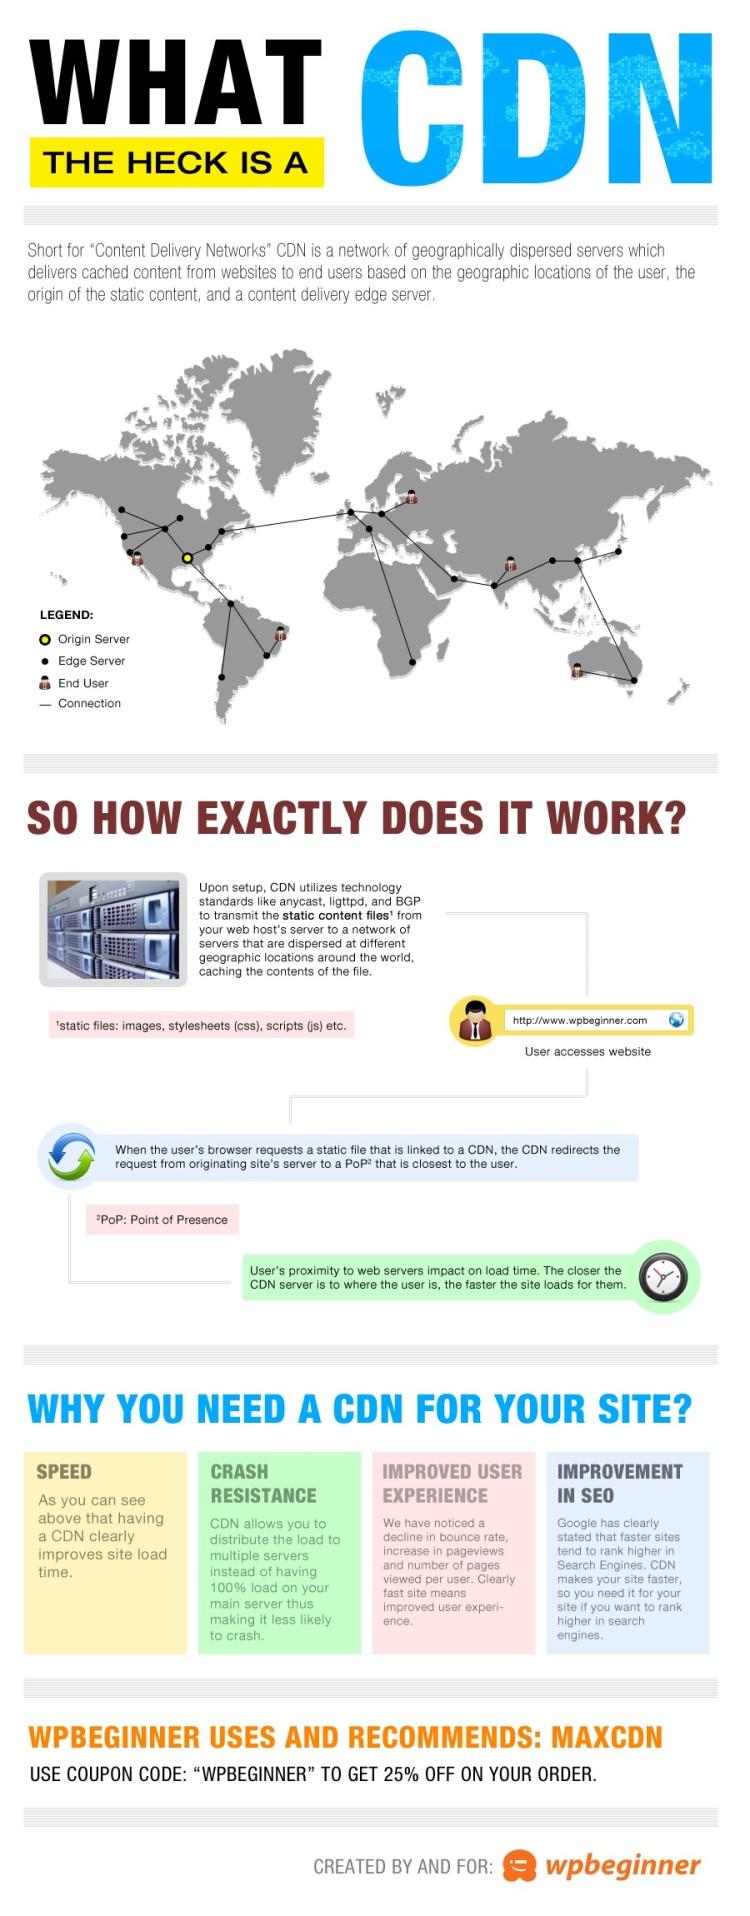 """Usando um CDN, ou Content Delivery Network, pode ajudar a acelerar os tempos de carregamento para todos os seus visitantes.Um CDN é uma rede composta por servidores em todo o mundo. Cada servidor armazenará arquivos """"estáticos"""" usados para compor seu site. Os arquivos estáticos são arquivos imutáveis, como imagens, CSS e JavaScript, ao contrário das páginas do WordPress que são """"dinâmicas"""", conforme explicado acima. ➤ Marketing de Conteúdo, Redes Sociais, Content Marketing, Social Media, Tendências 2019, Inteligência Artificial, Estratégias Online, Estratégias Digitais"""